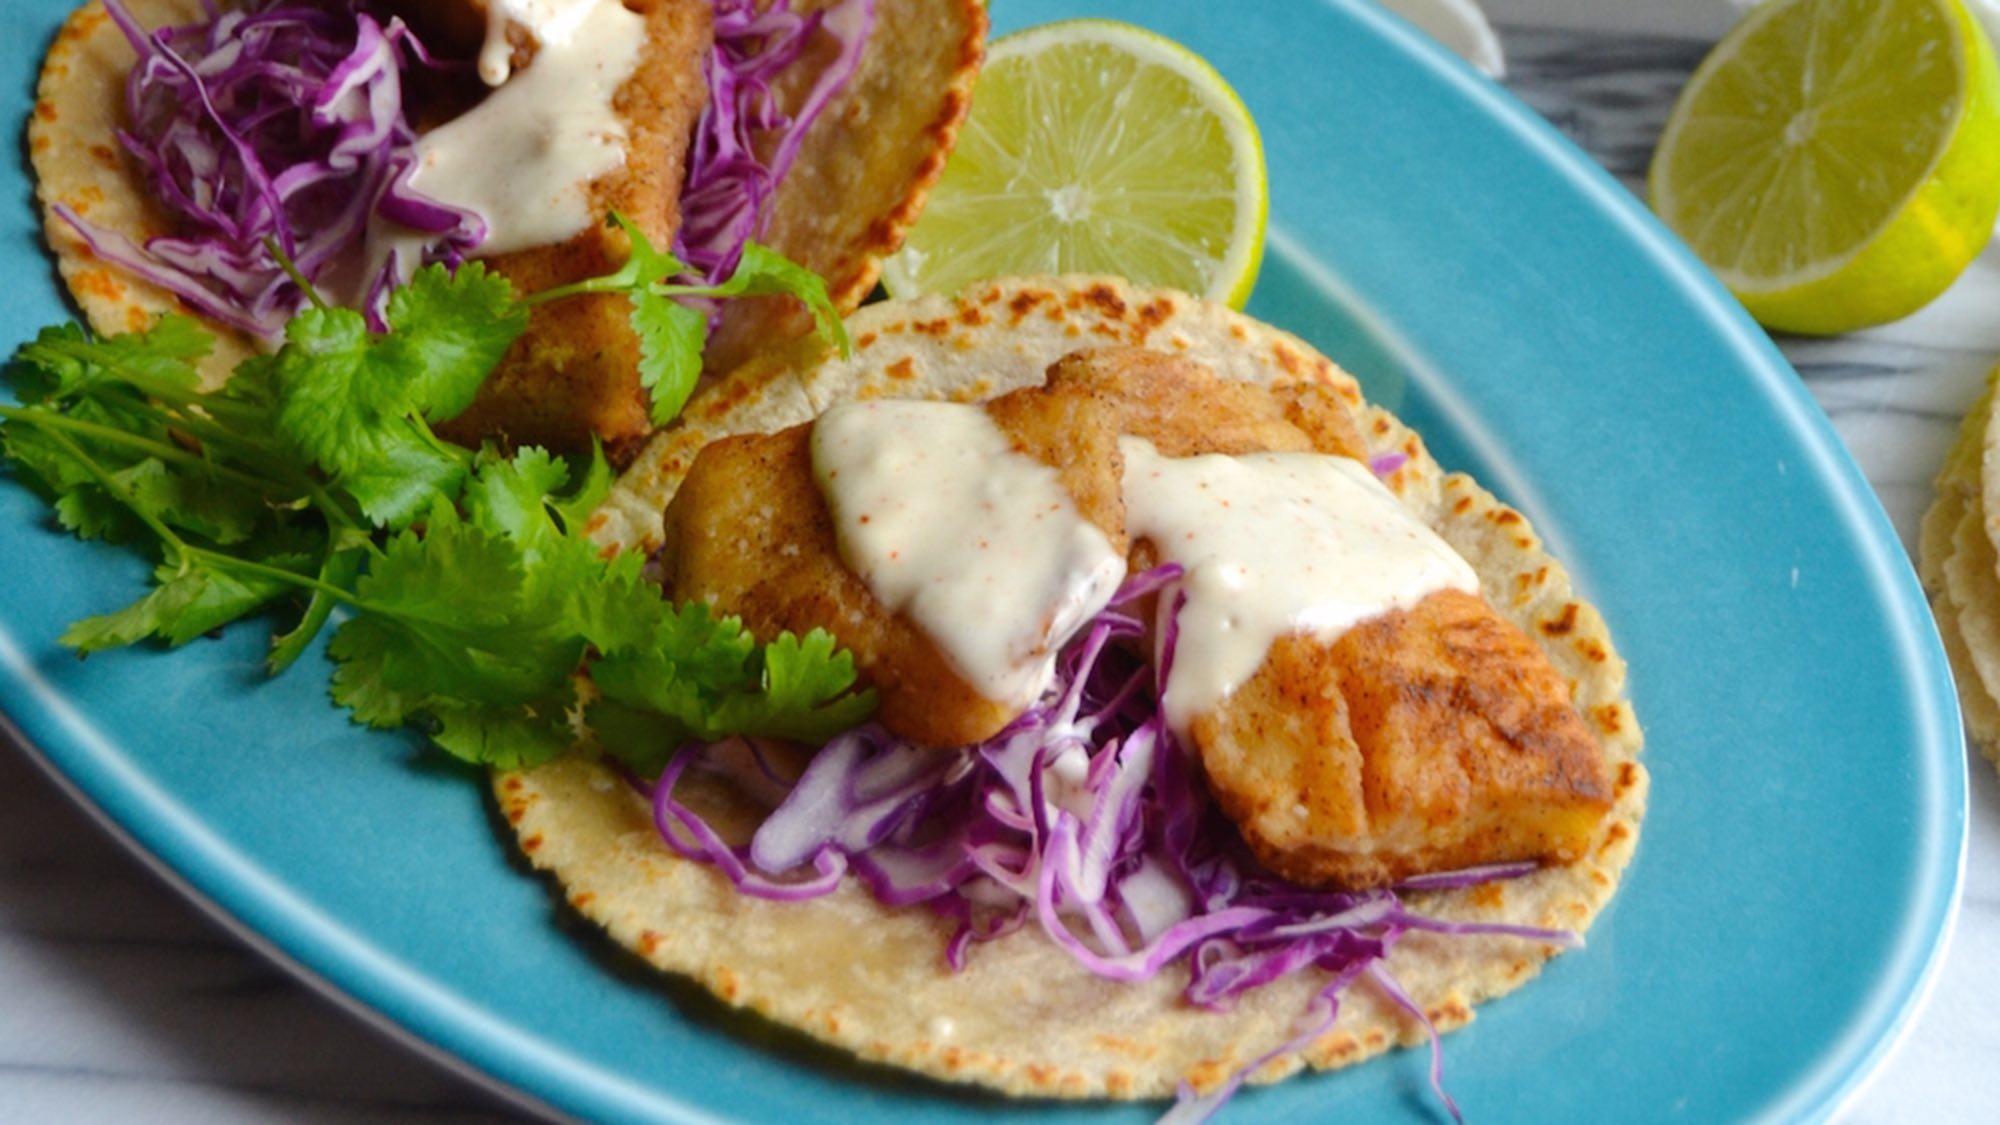 tacos_de_pescado_con_mayonesa_de_comino_y_ensalada_de_repollo_rojo_recipes_2000x1125.jpg